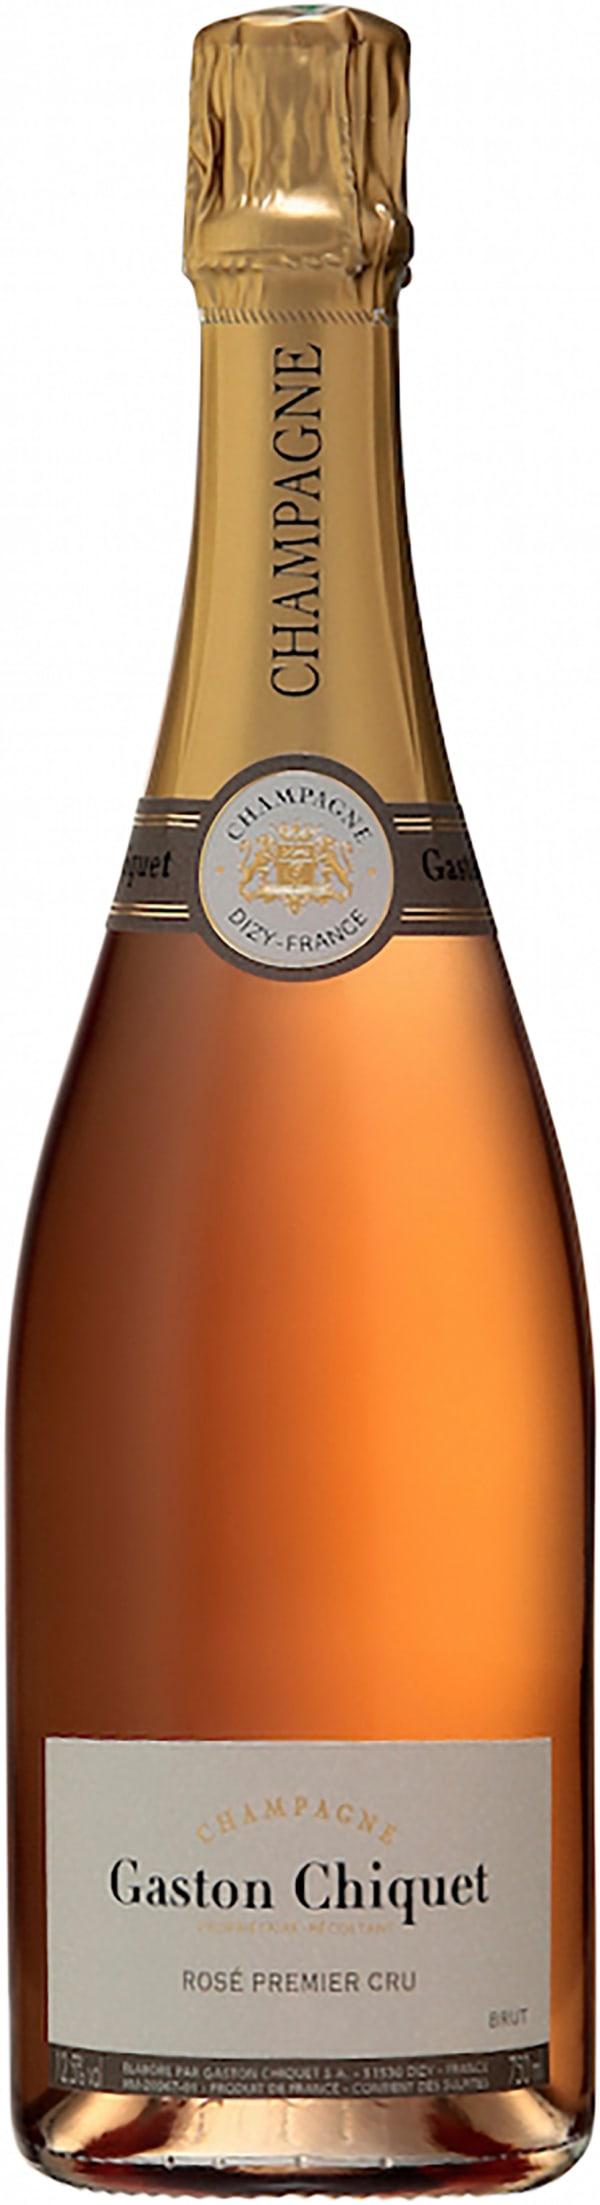 Gaston Chiquet Rosé Champagne Premier Cru Brut